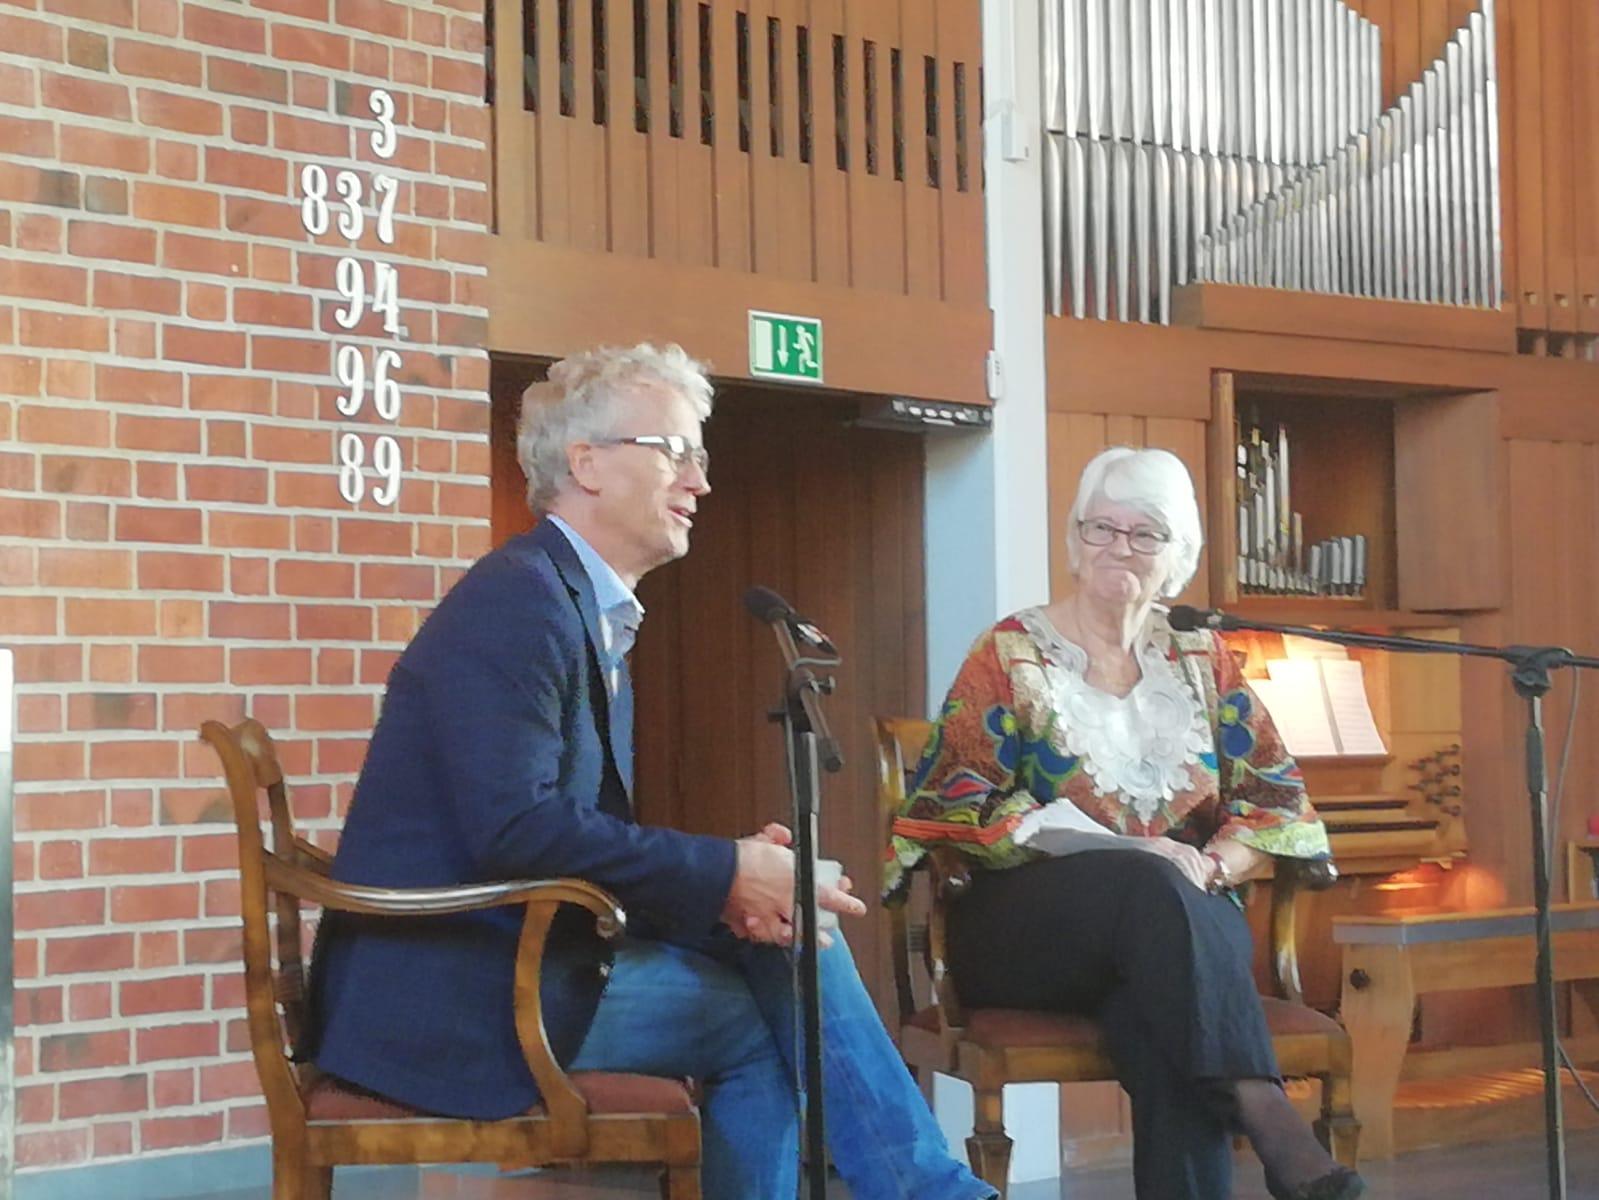 Samuale Lindholm och Rachel Sidestam berättade den 16 september om sina erfarenheter i Kongo, respektive Rwanda, i början av 1990-talet och om allt de fick med sig hem för mission på hemmaplan.